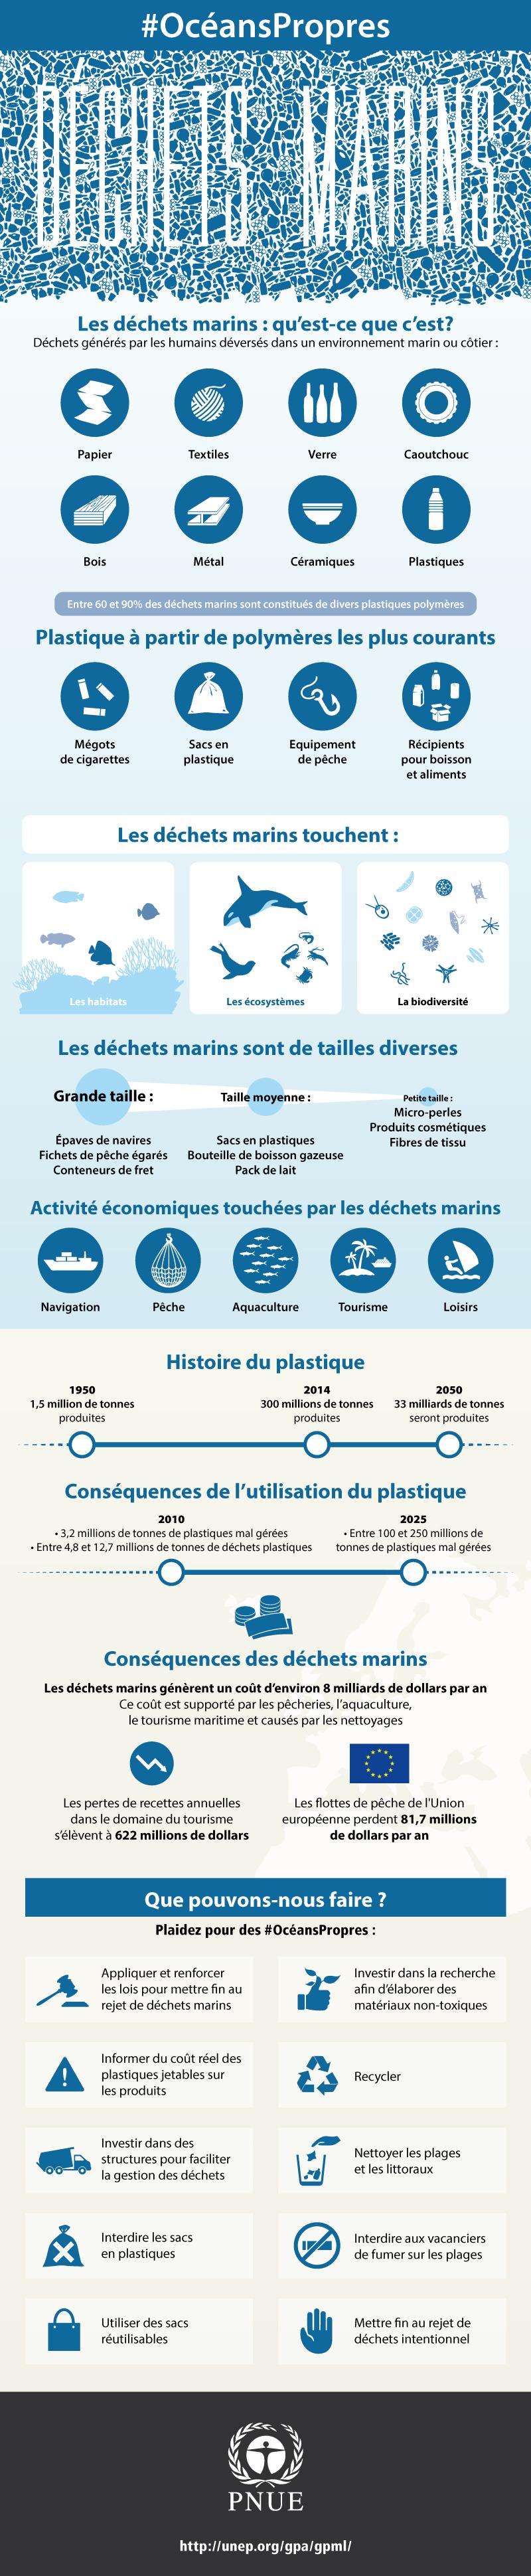 Infographic_MarineLitter_fr.jpg